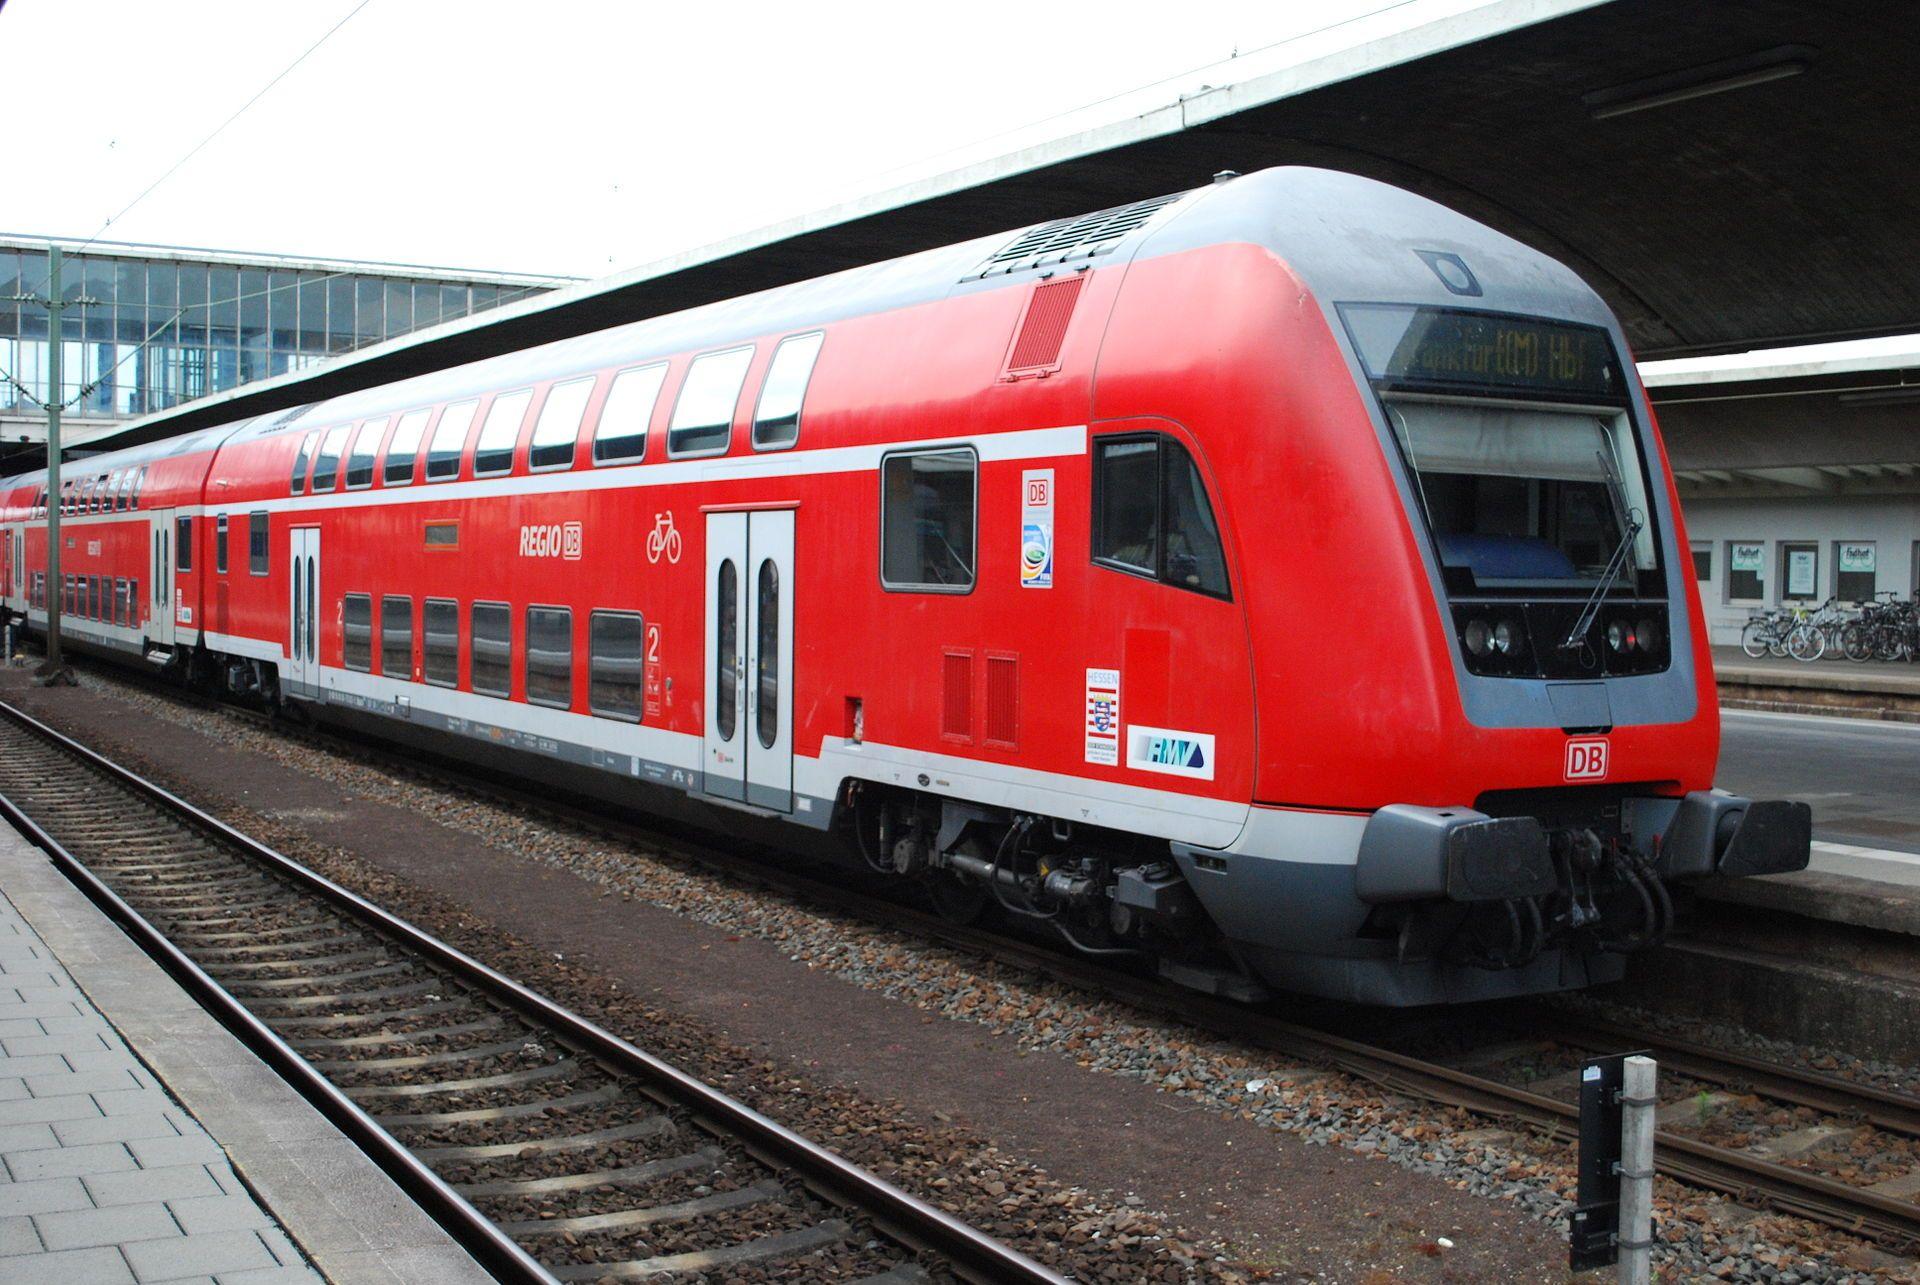 DB Regio DT (5946607585) Deutsche Bahn Wikipedia